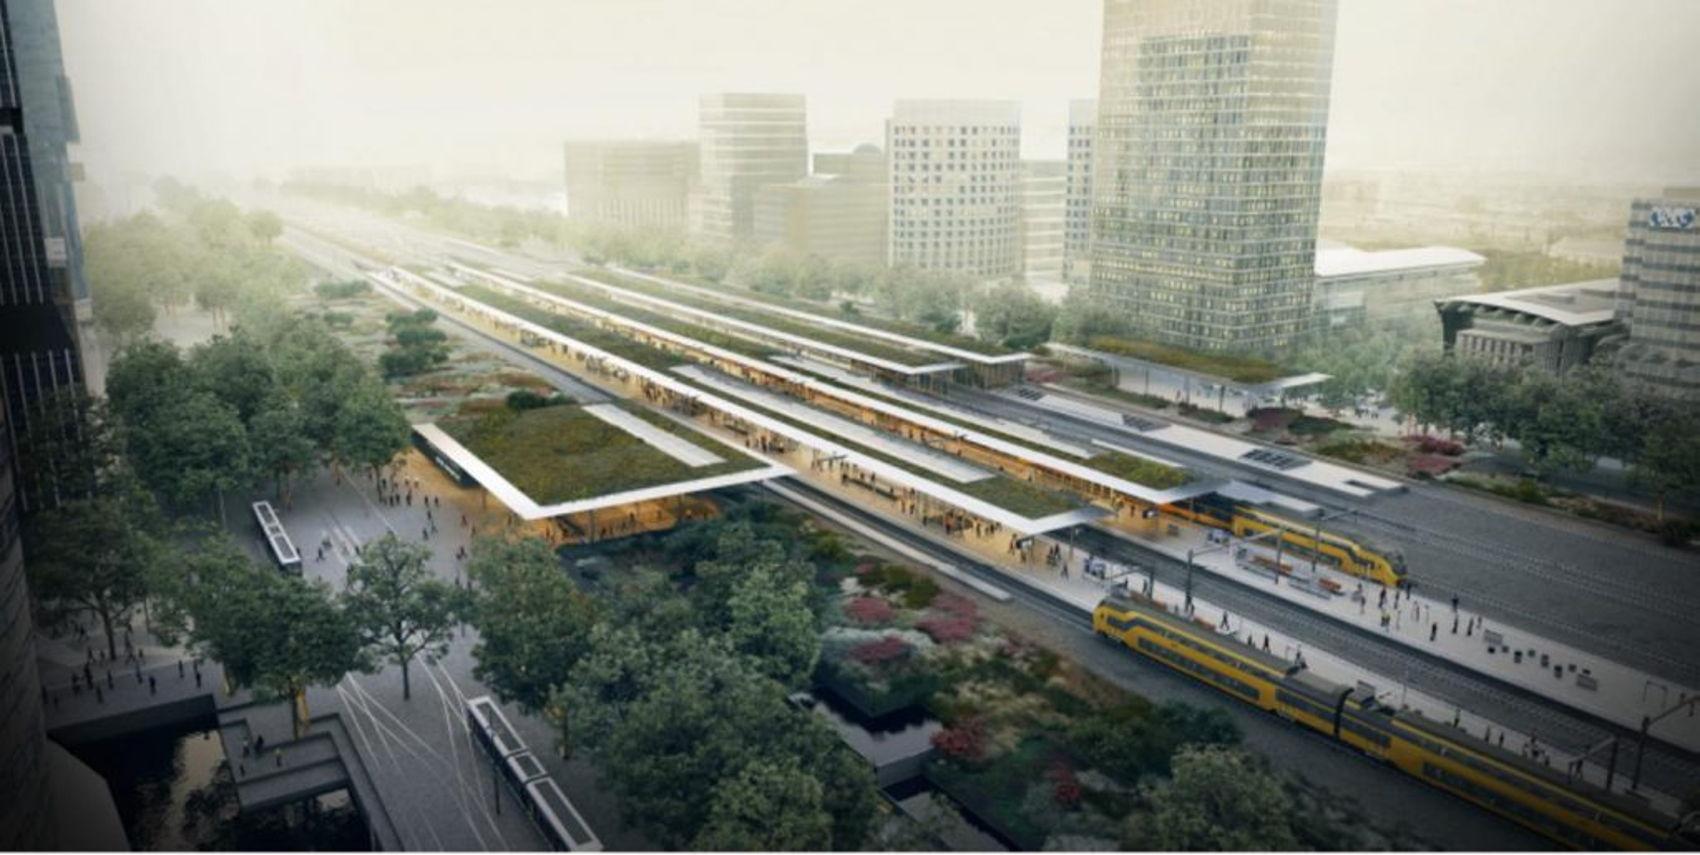 Bovenaanzicht van het toekomstige station Amsterdam Zuid, met links het nieuwe tramstation aan de Arnold Schönberglaan. Daar komt ook de tweede passagierstunnel, de Brittenpassage, te liggen voor een snelle overstap op het andere openbaar vervoer.